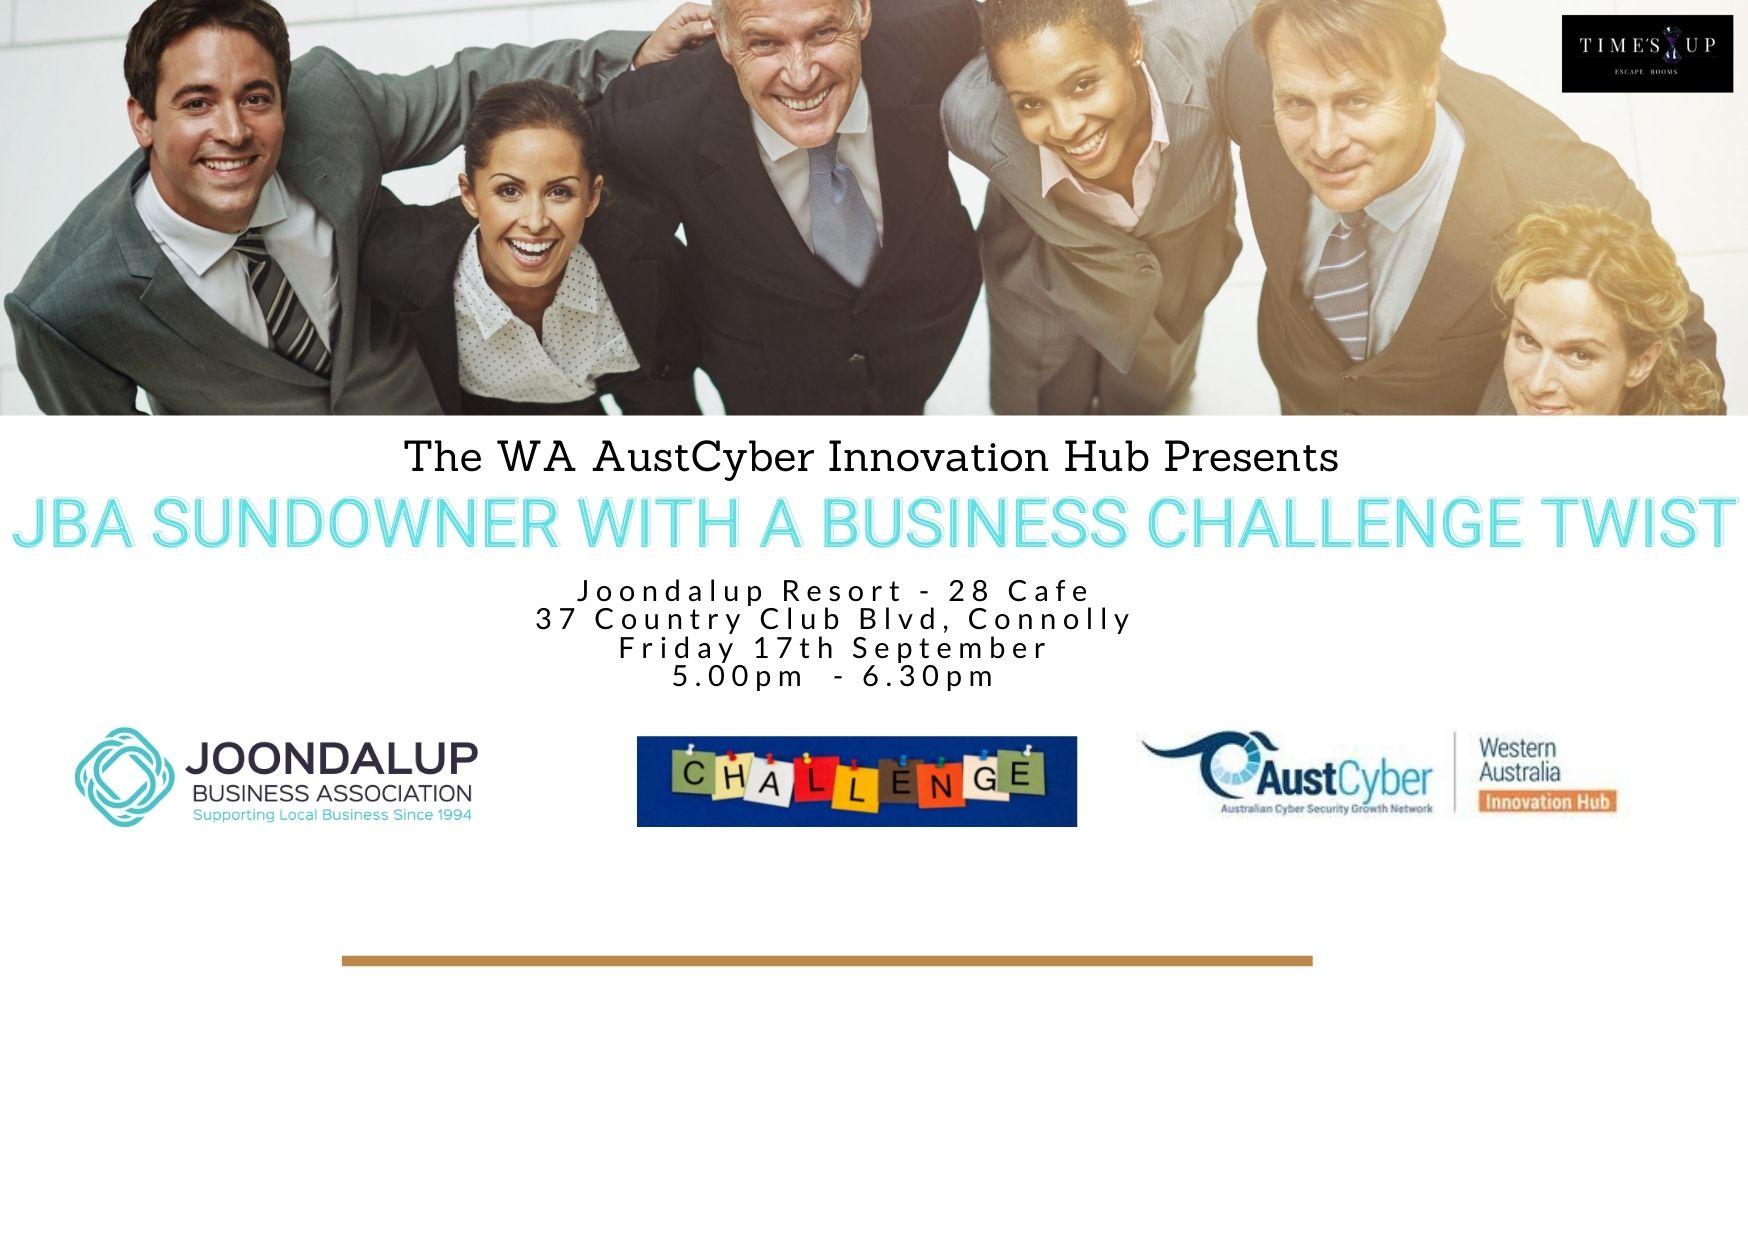 Sundowner - Business Challenge Twist